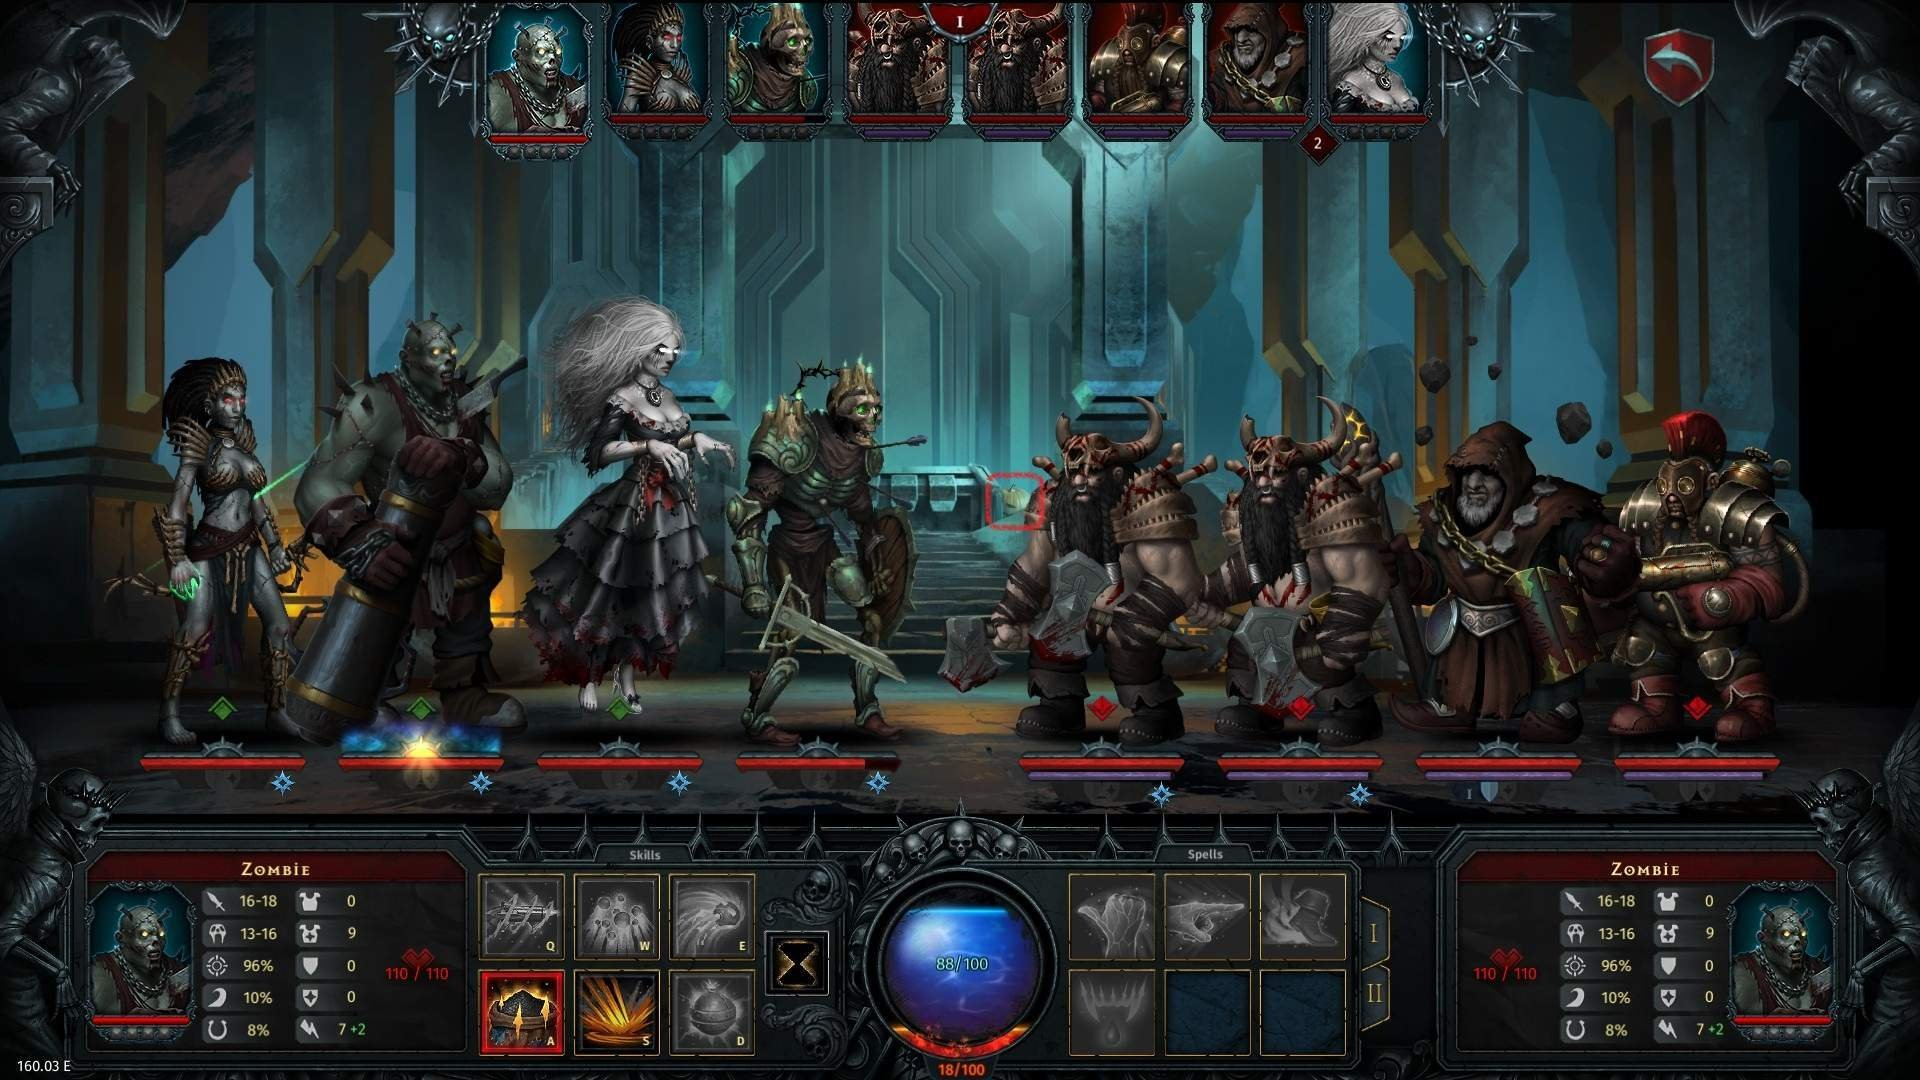 Скриншот к игре Iratus: Lord of the Dead v.181.03.00 [GOG] (2020) скачать торрент Лицензия